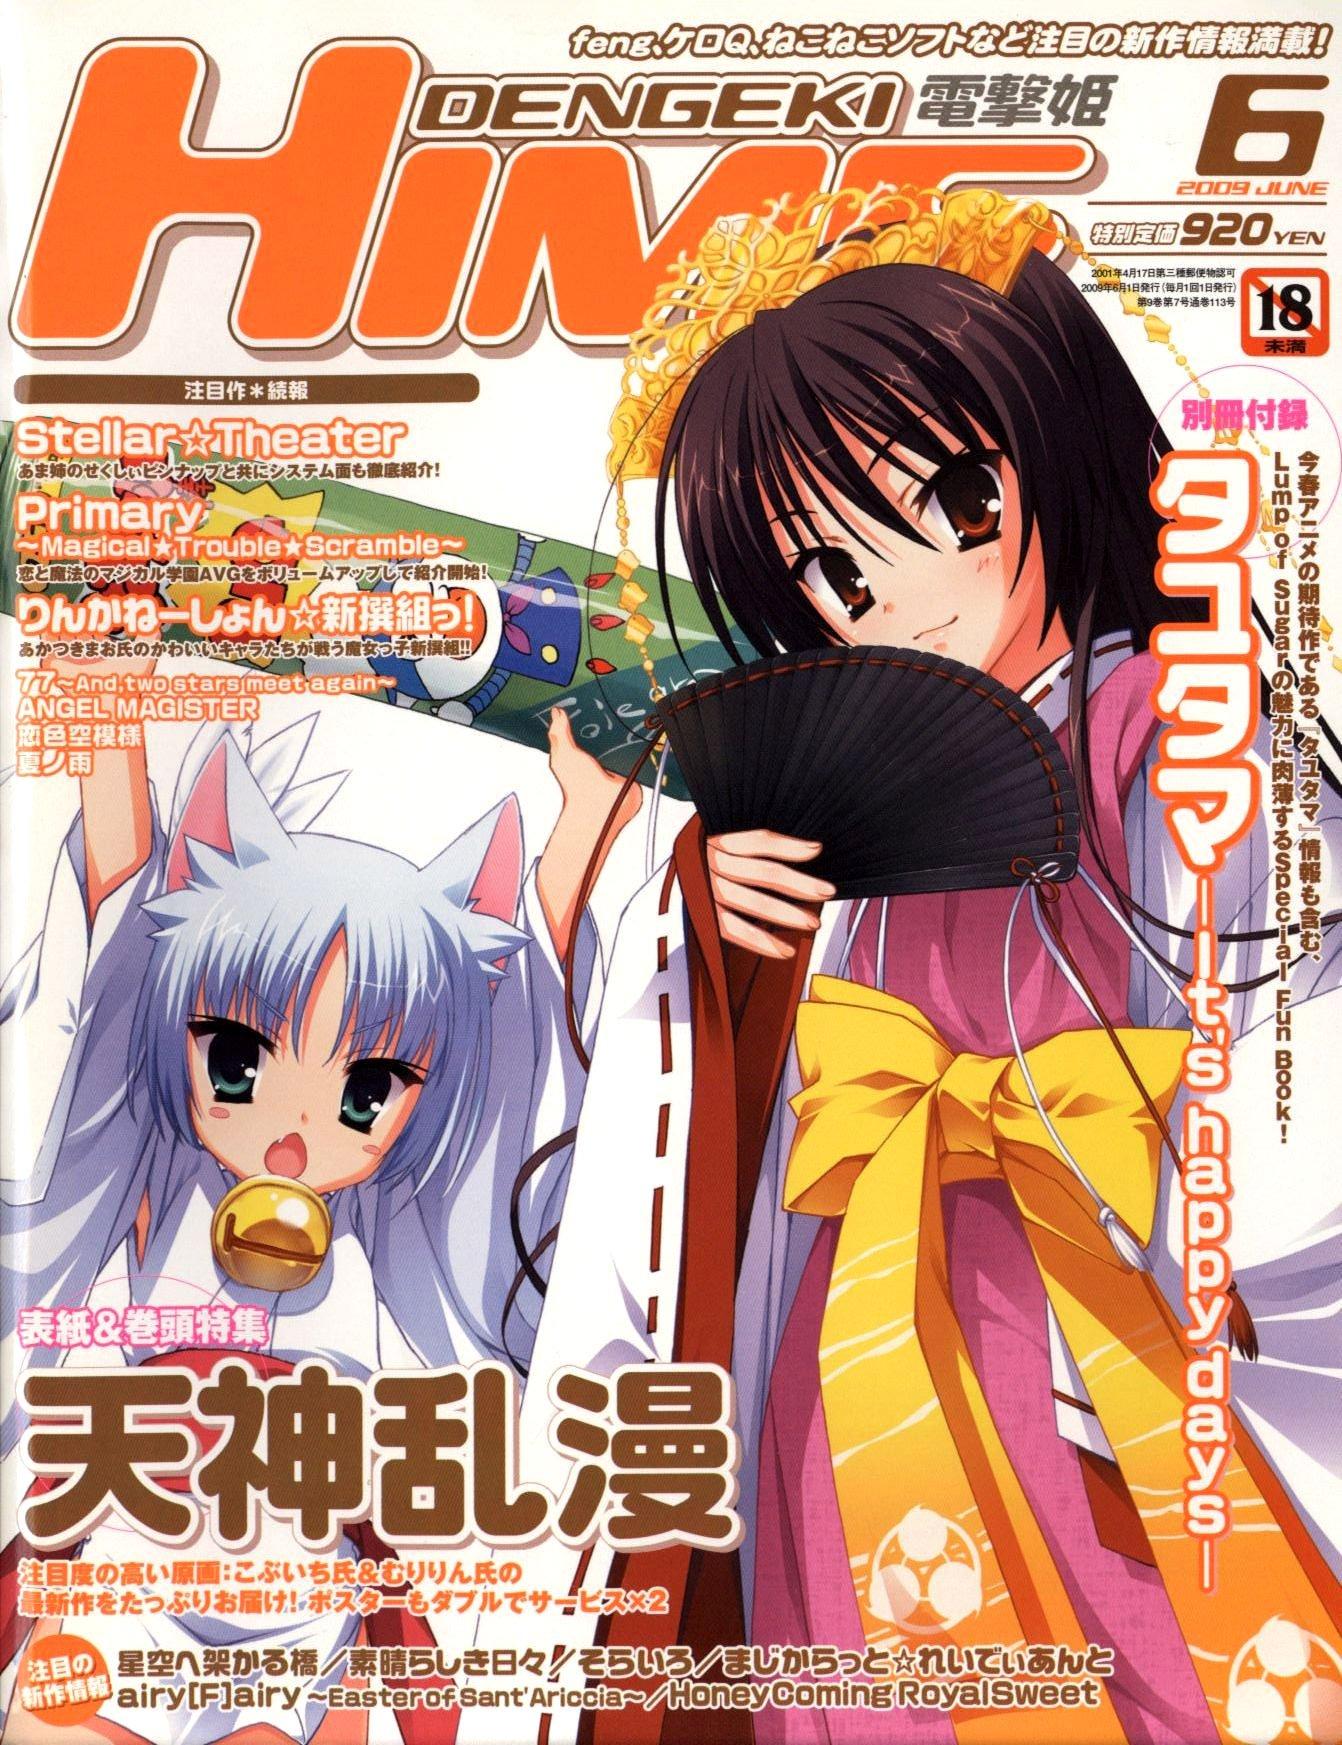 Dengeki Hime Issue 111 (June 2009)